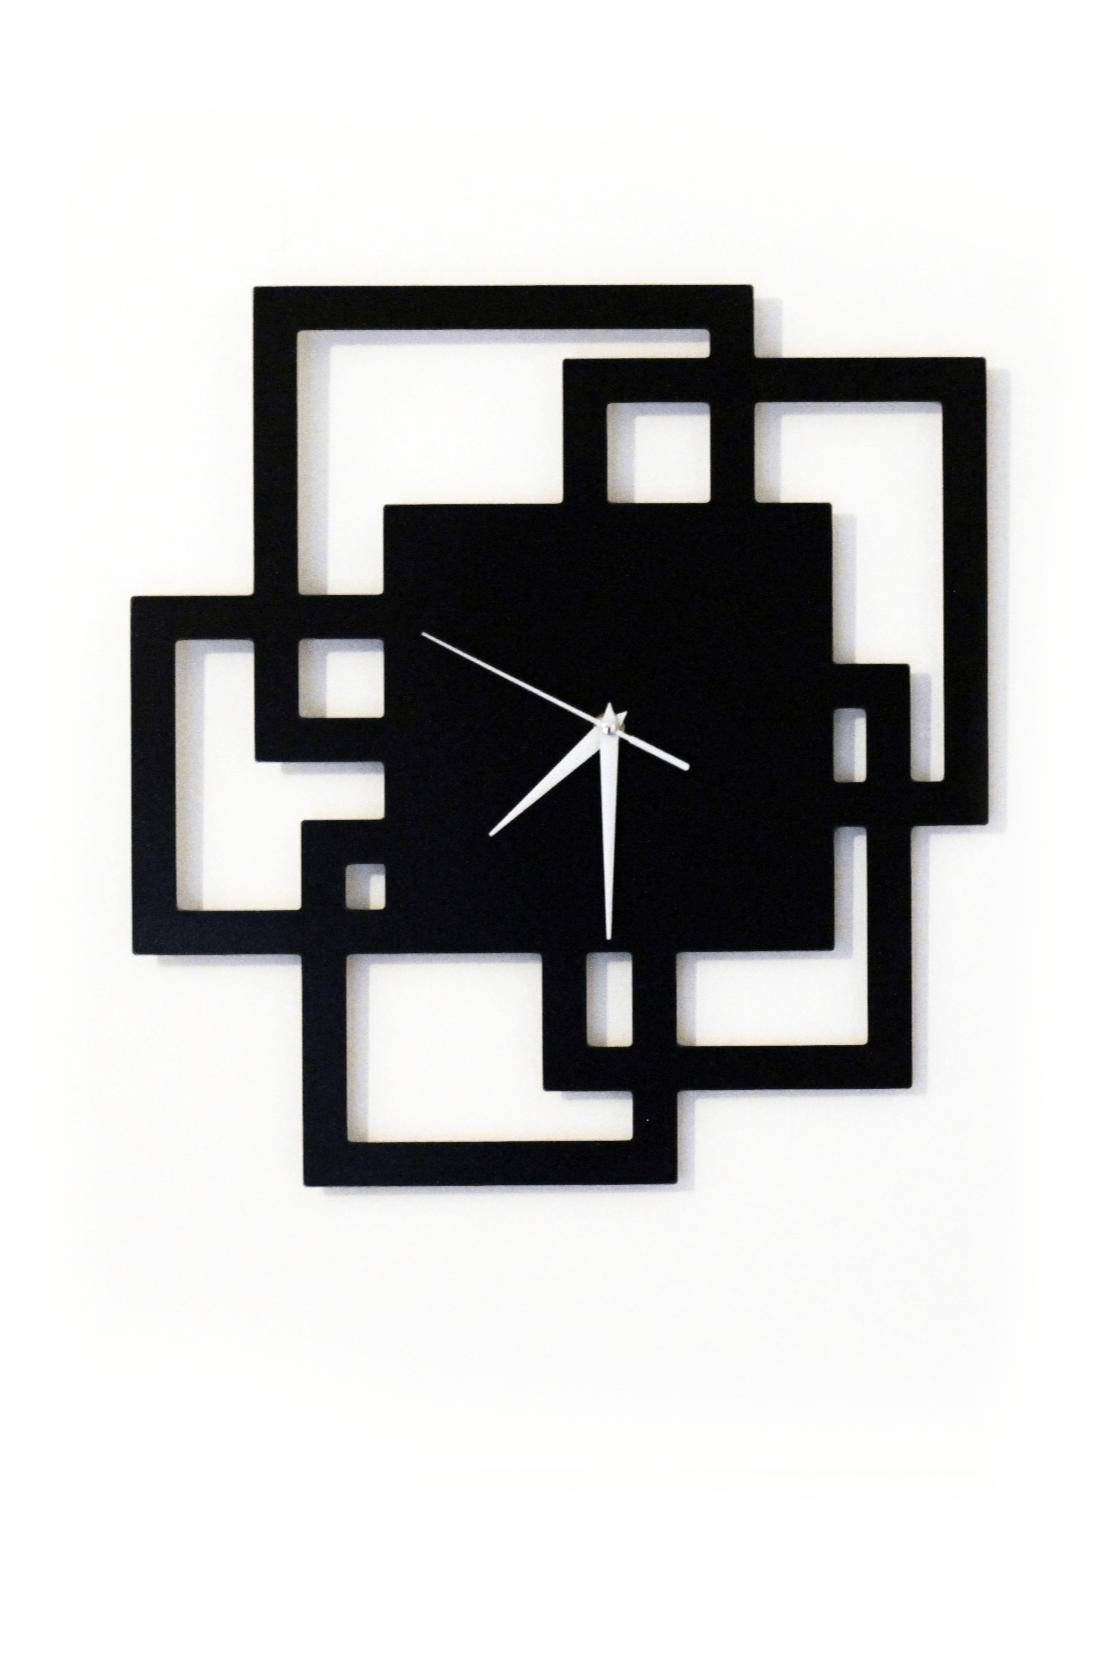 Orologio design parete clock with orologio design parete - Orologio design parete ...